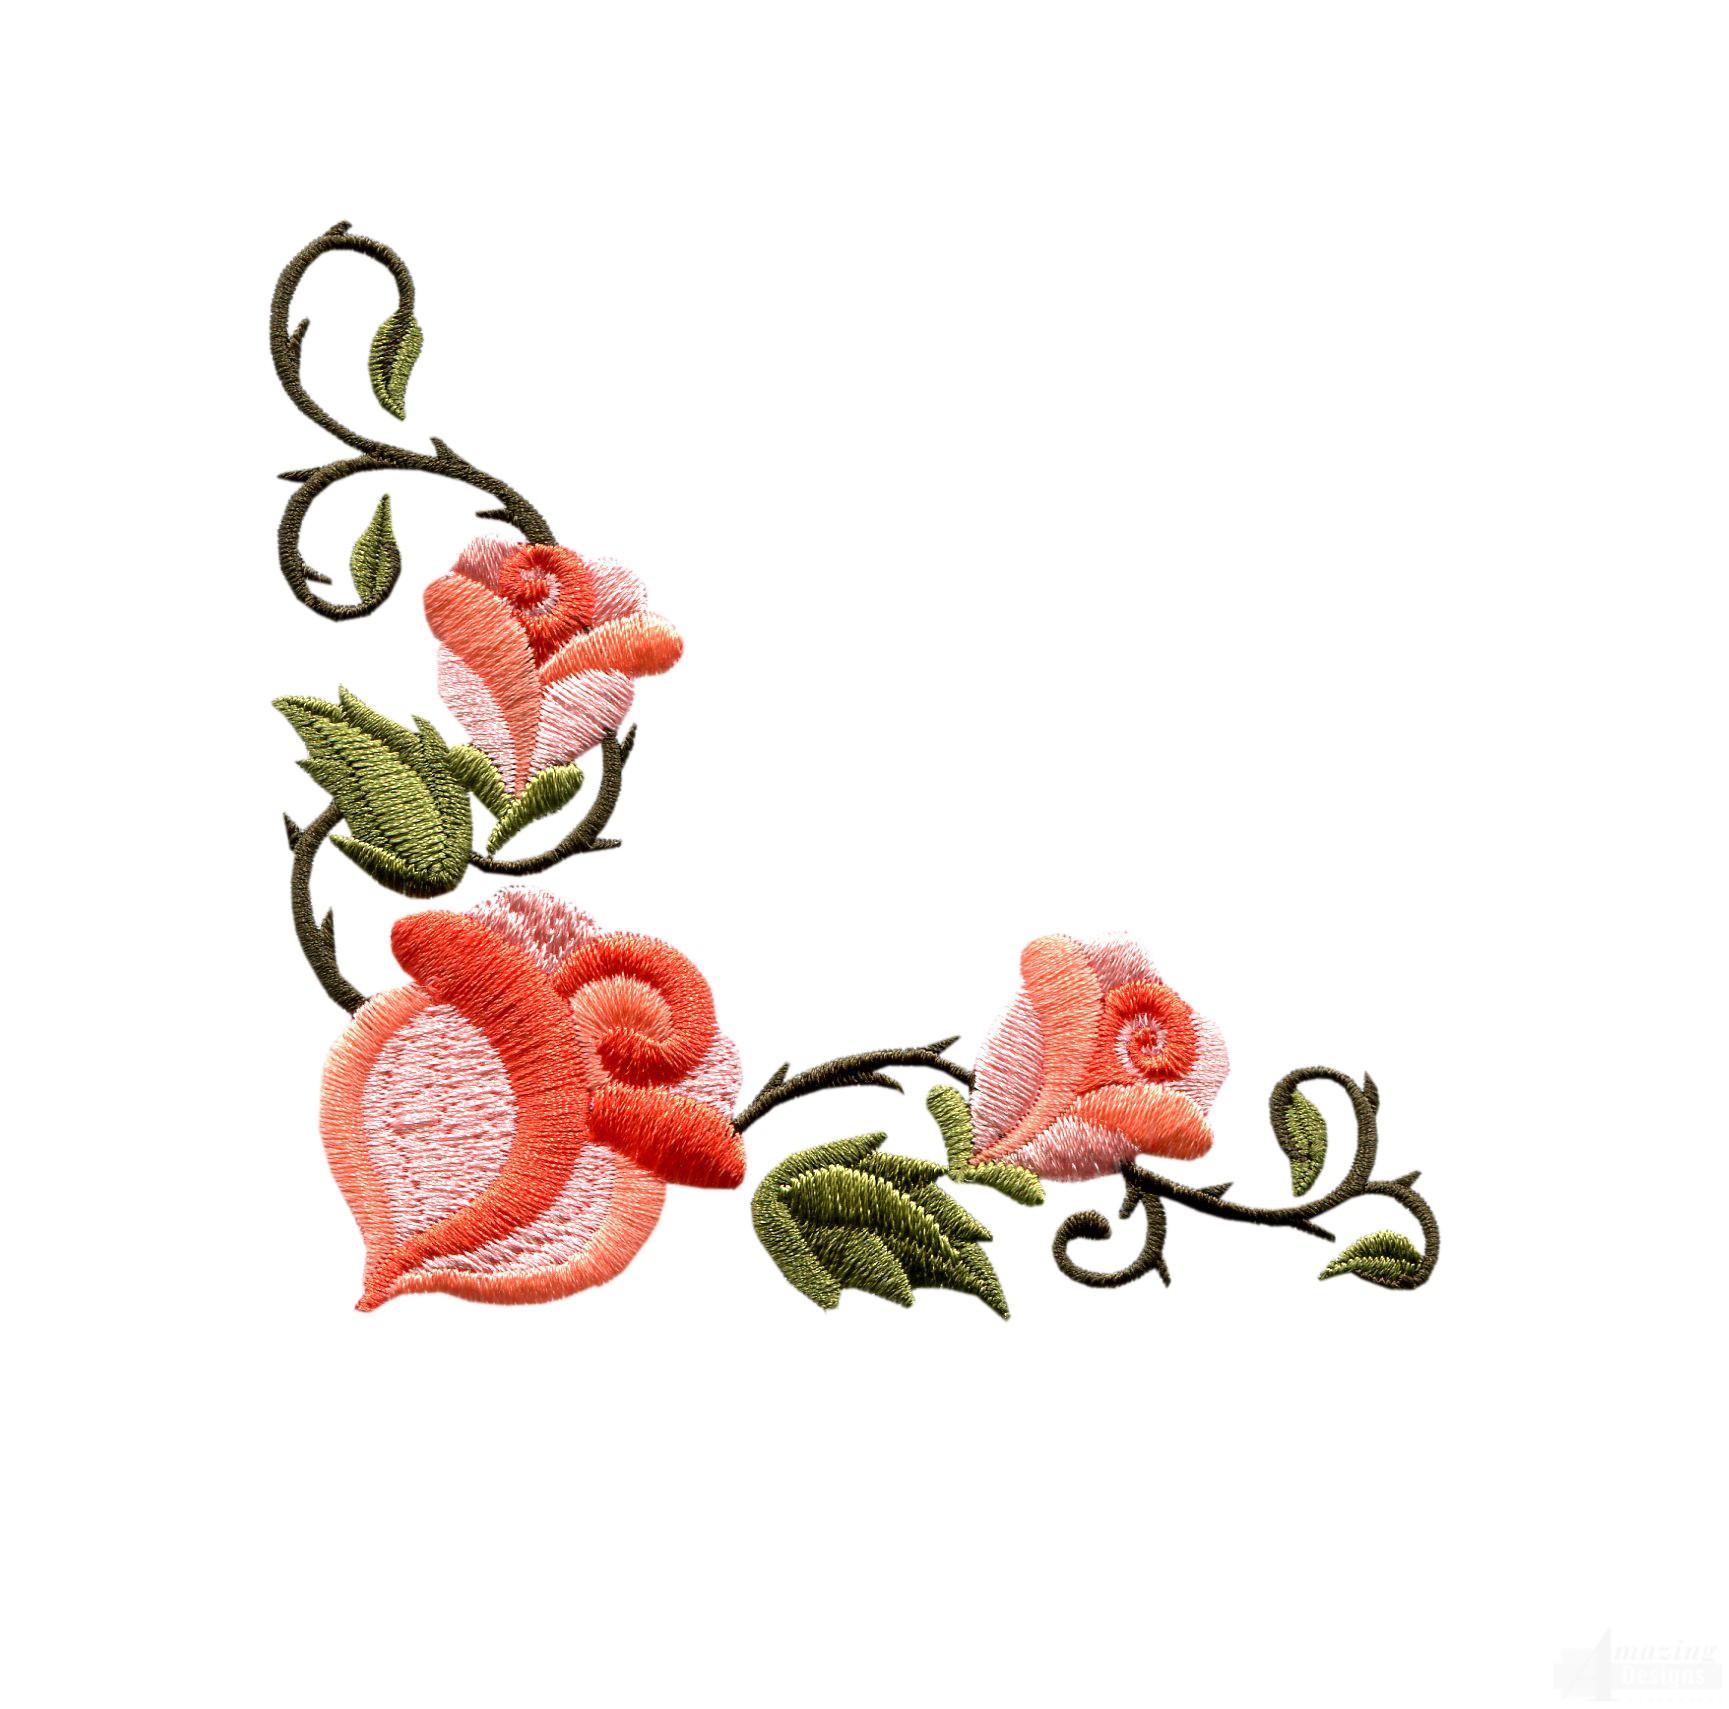 Rose Flower Border Design